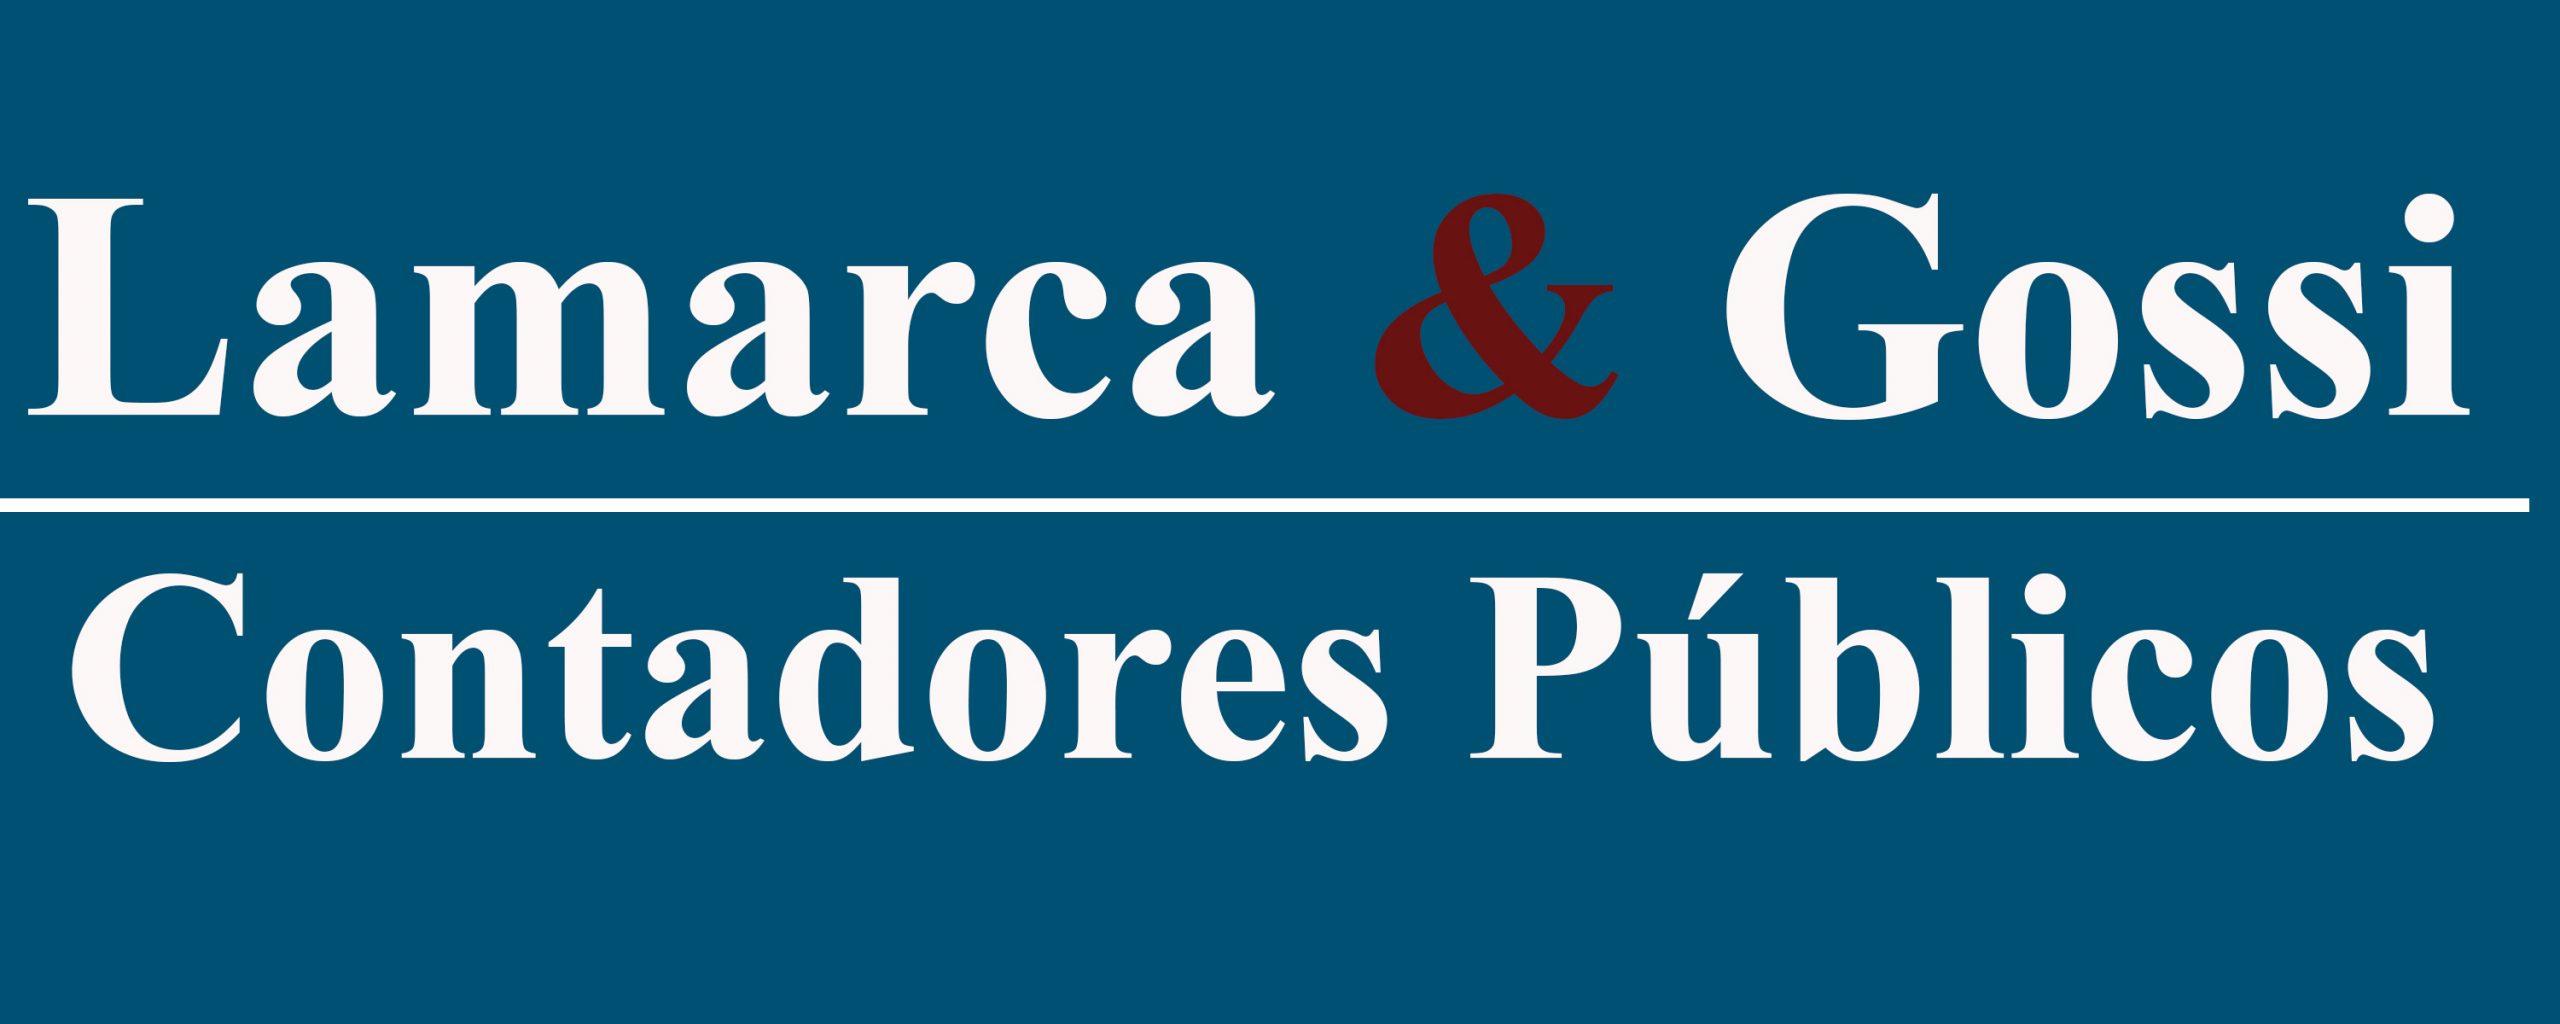 Lamarca & Gossi - Contadores Públicos